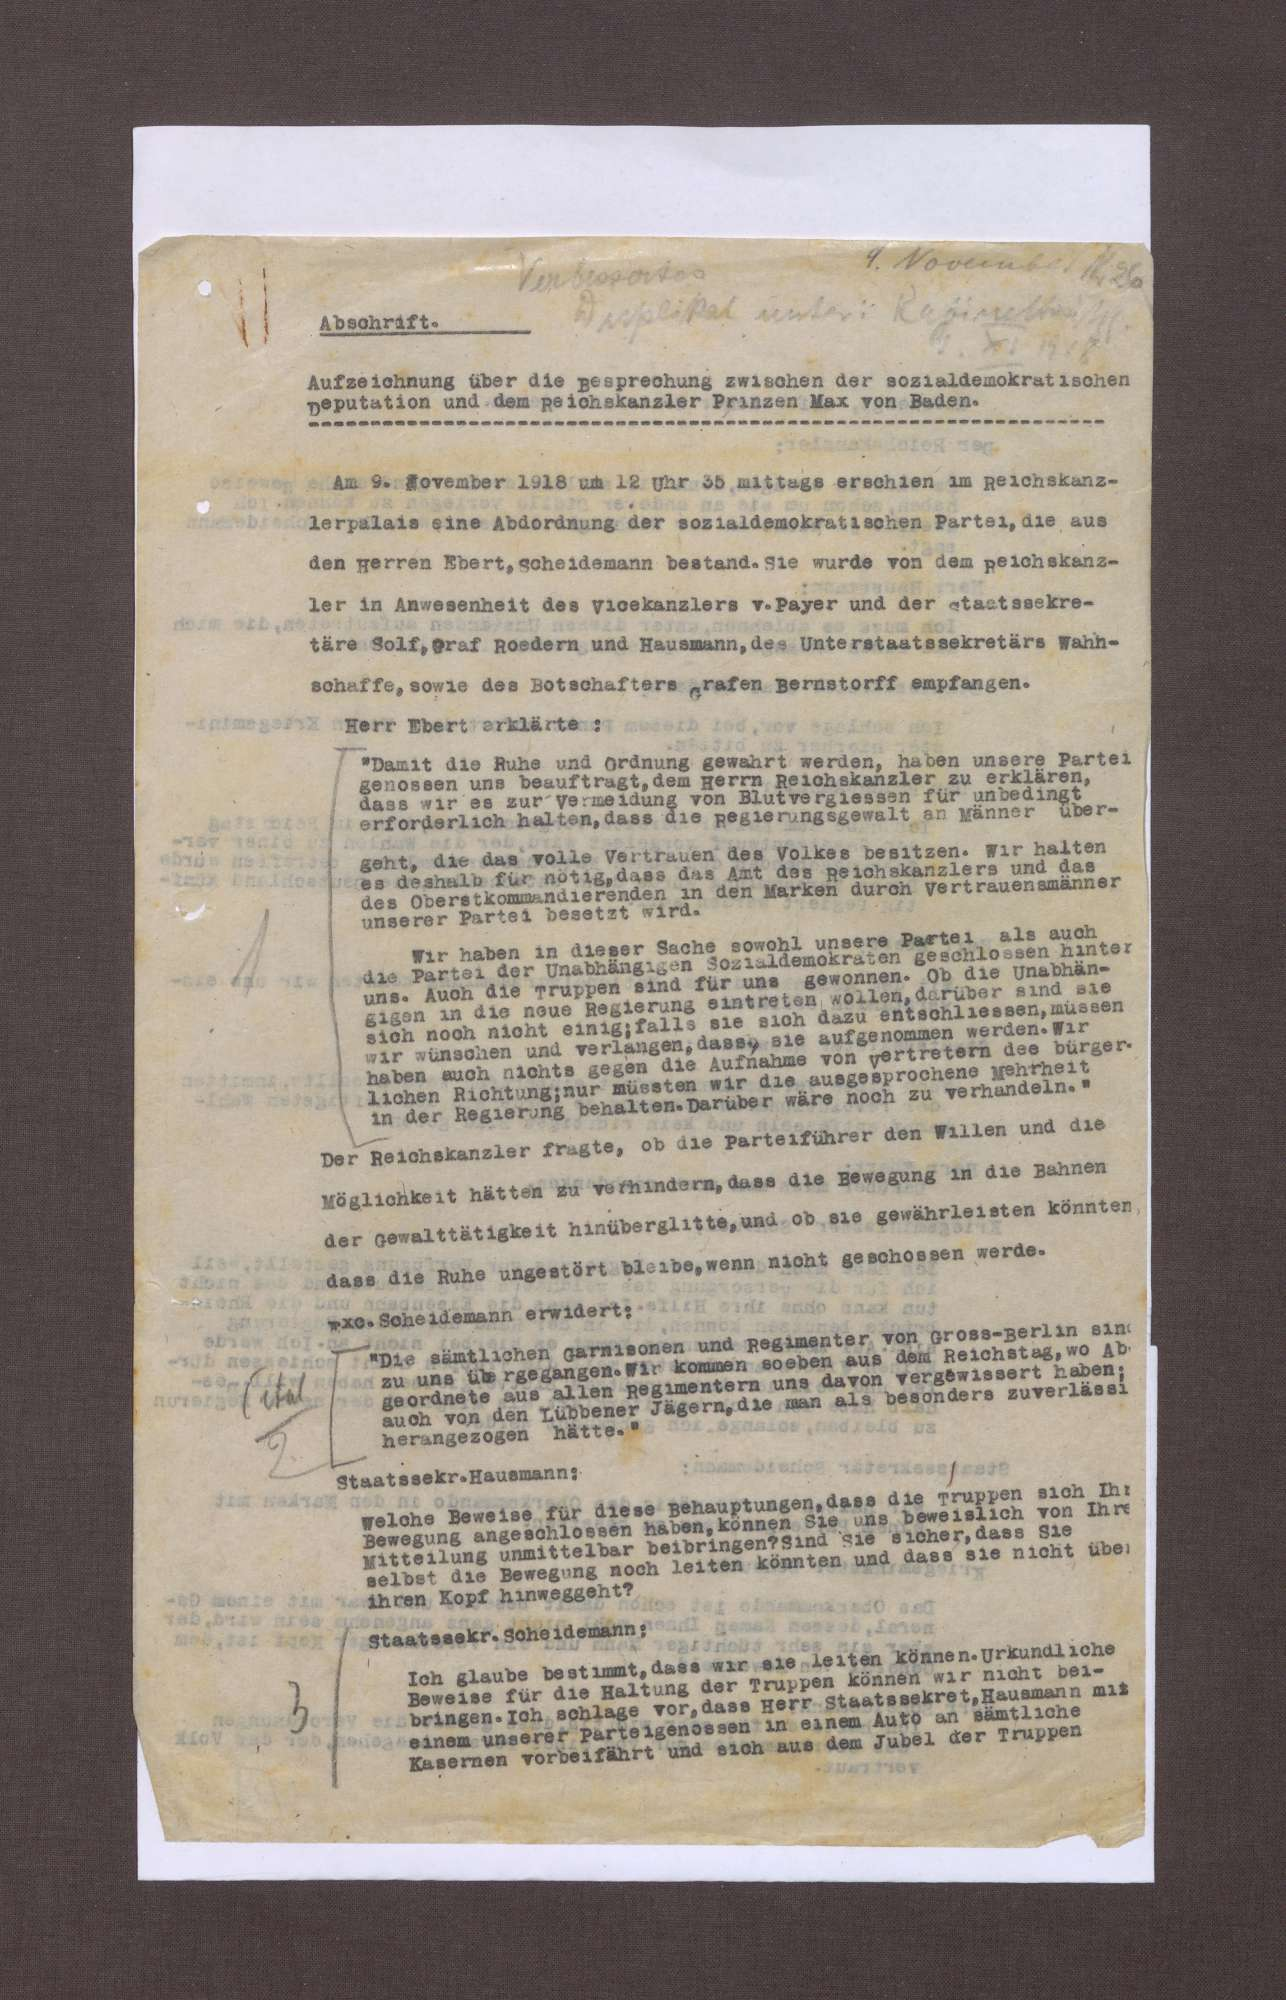 Aufzeichnungen von Conrad Haußmann und Walter Simons über die Ereignisse am 09.11.1918, Bild 1